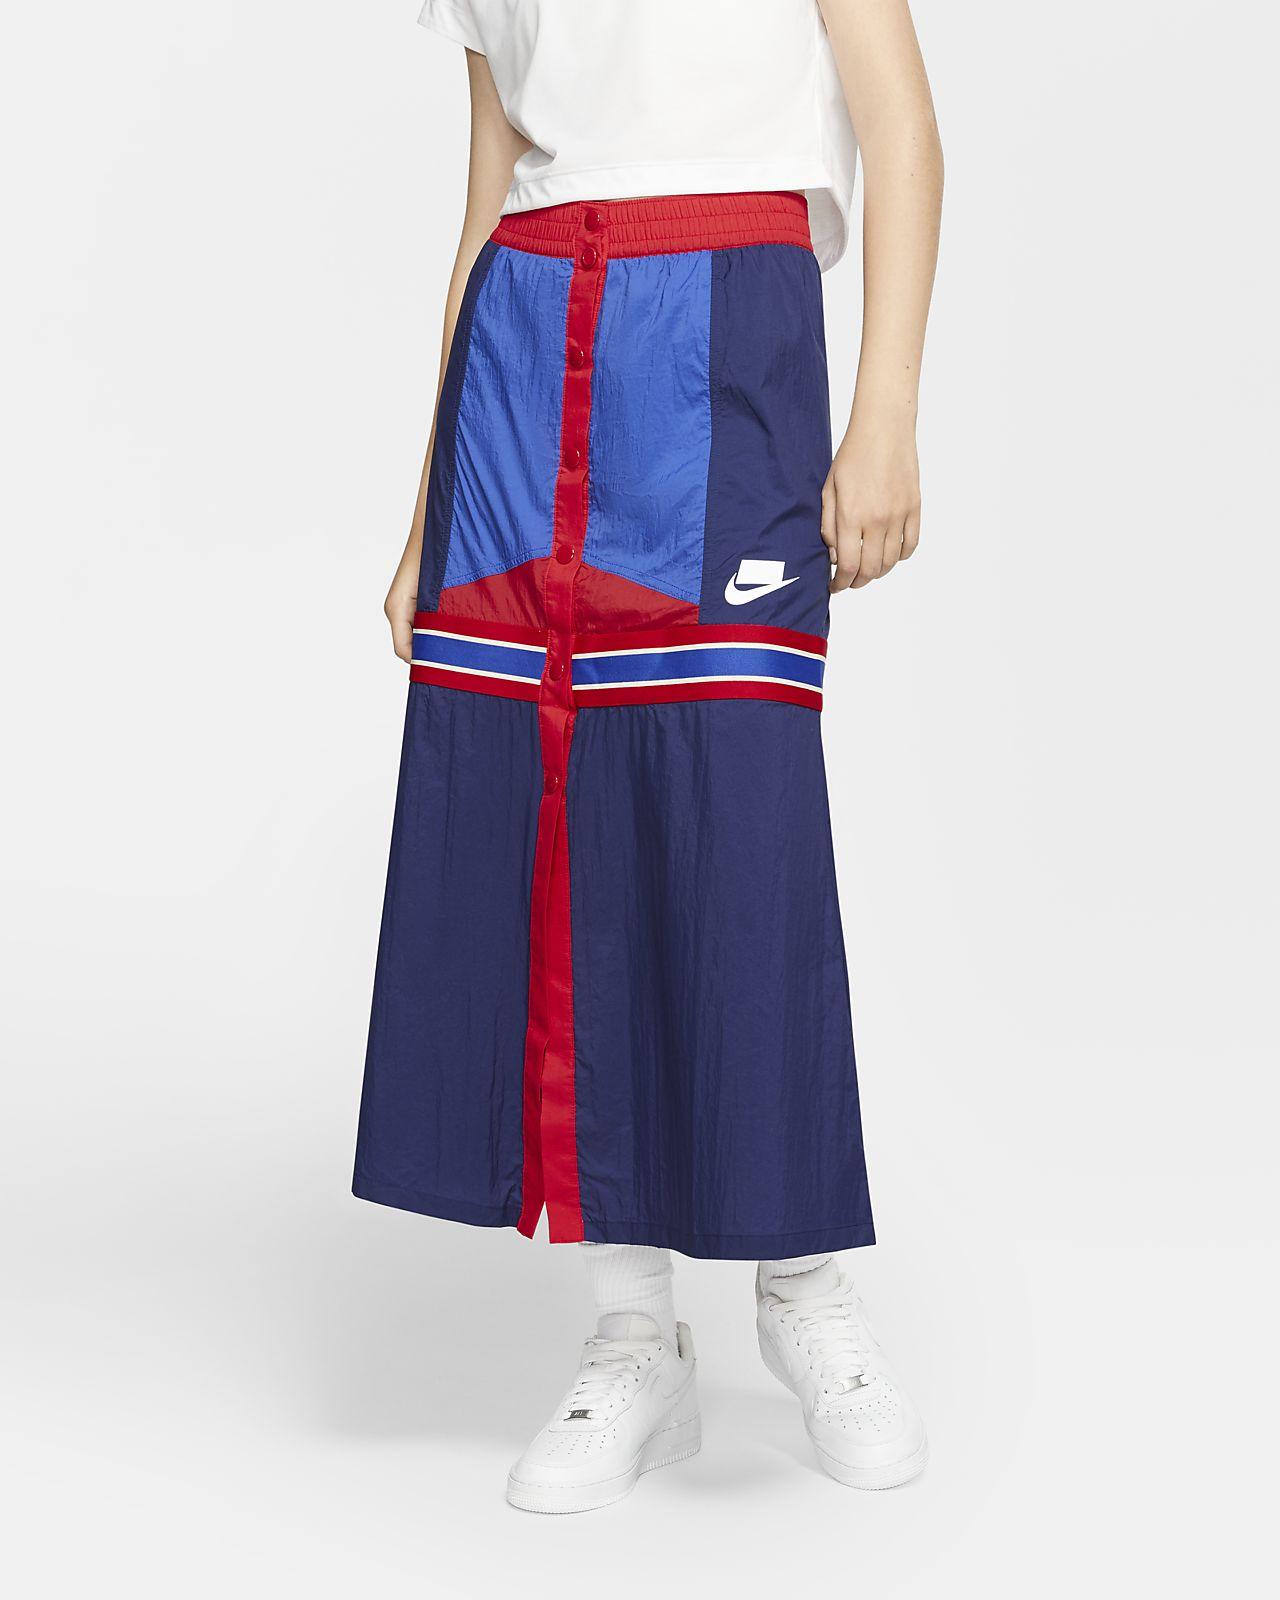 Nike Sportswear NSW Damenrock